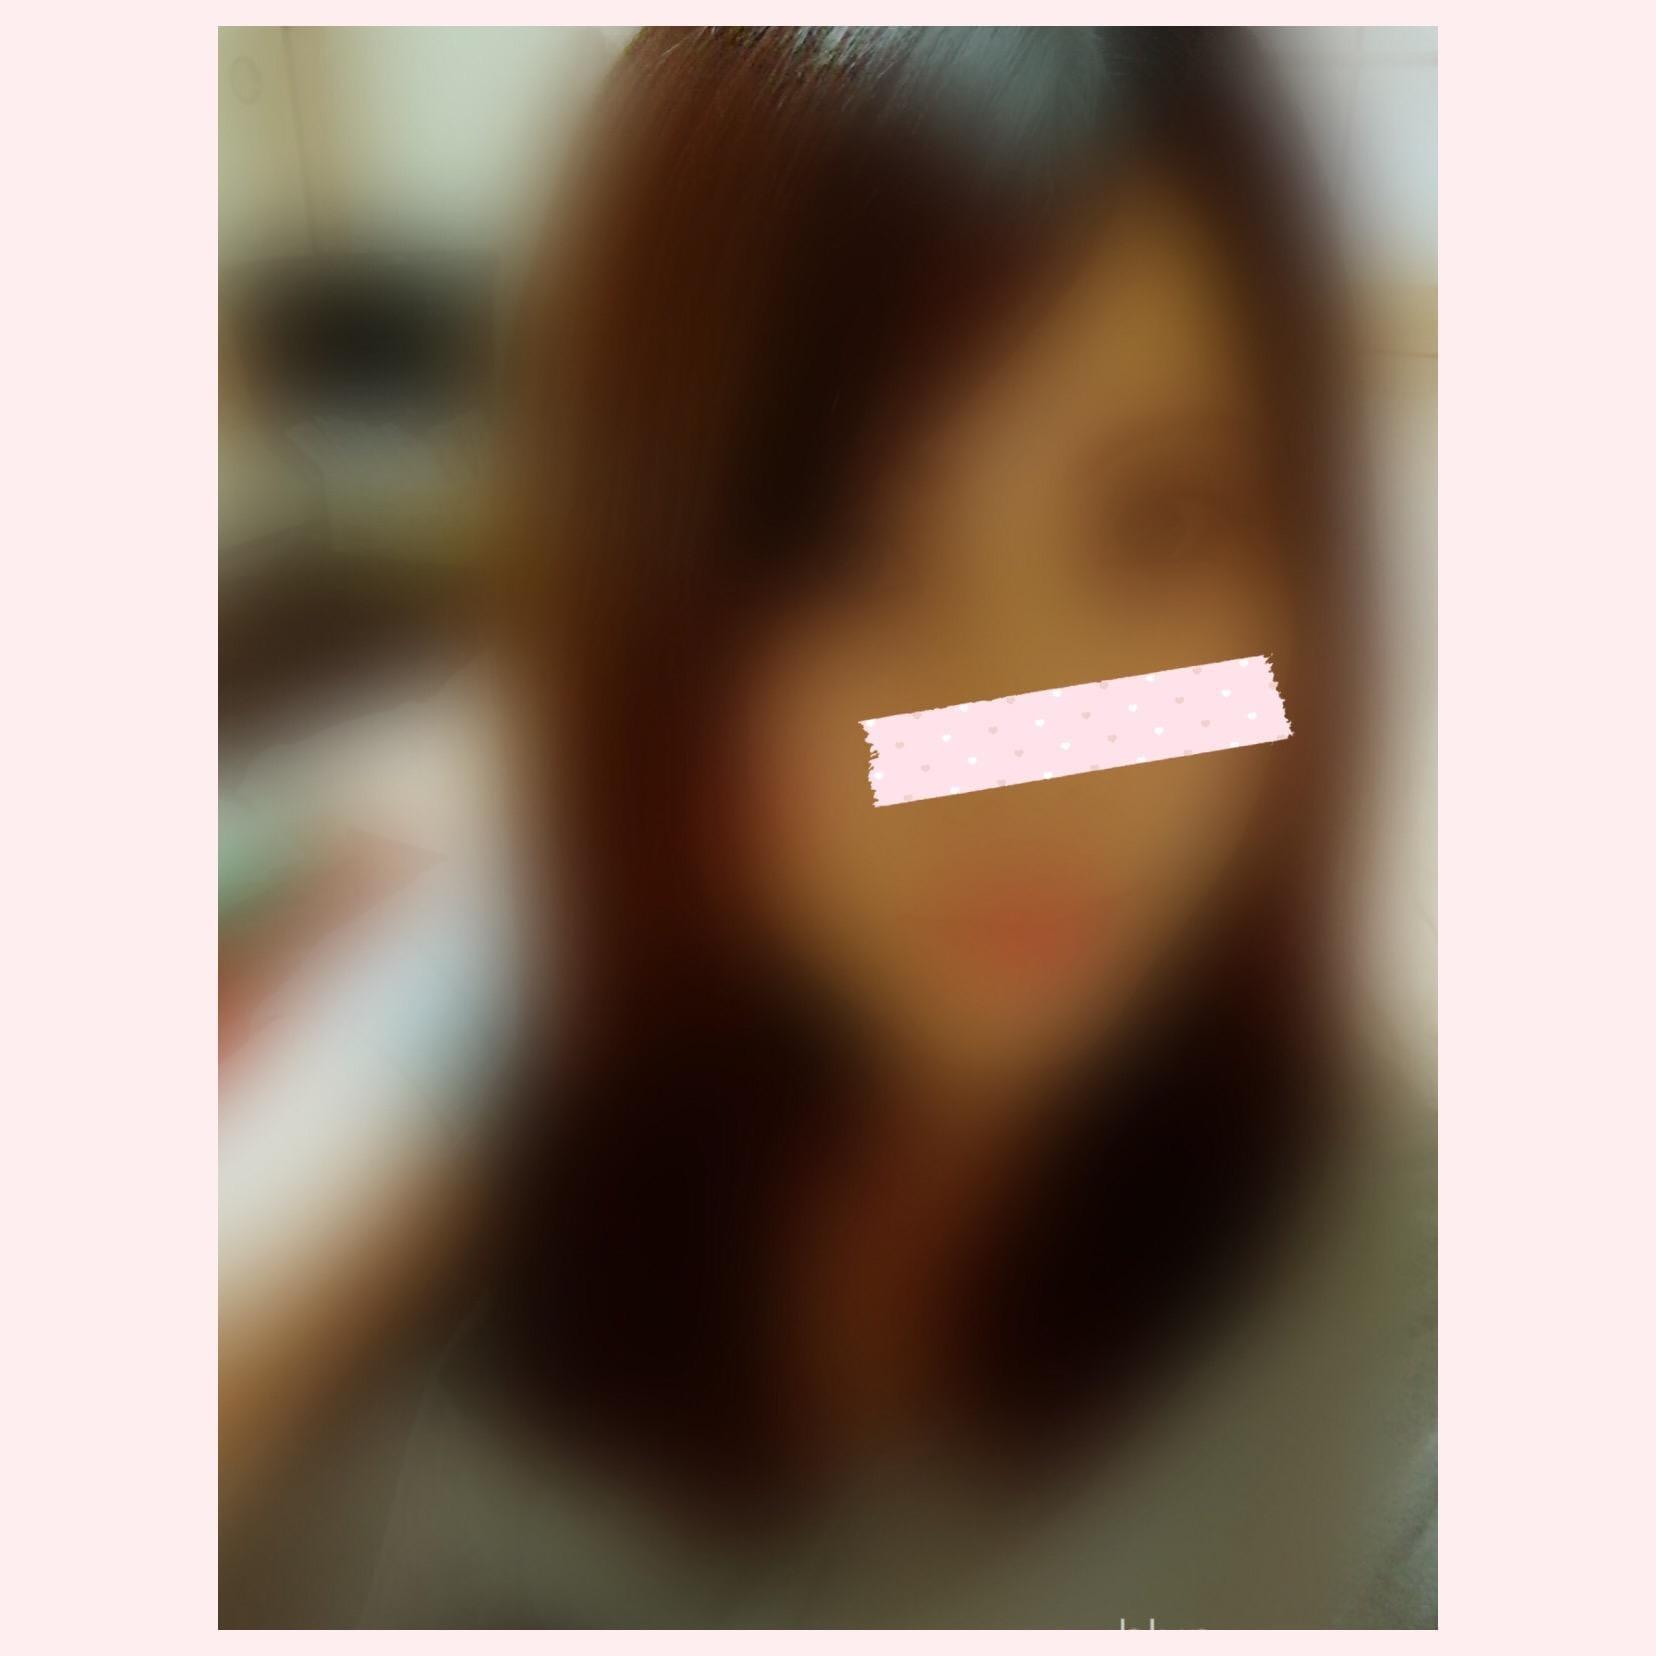 「今日は」05/16(05/16) 18:59 | なつみの写メ・風俗動画